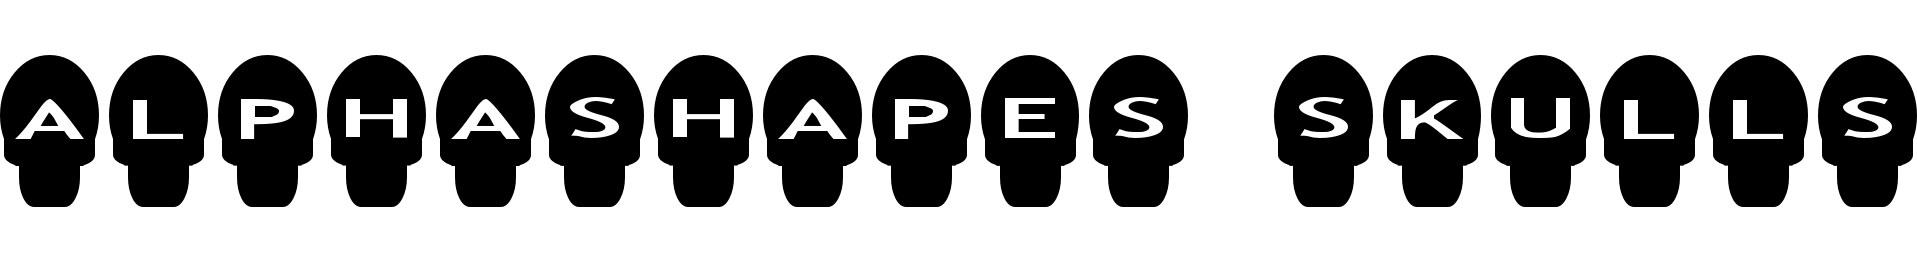 AlphaShapes skulls